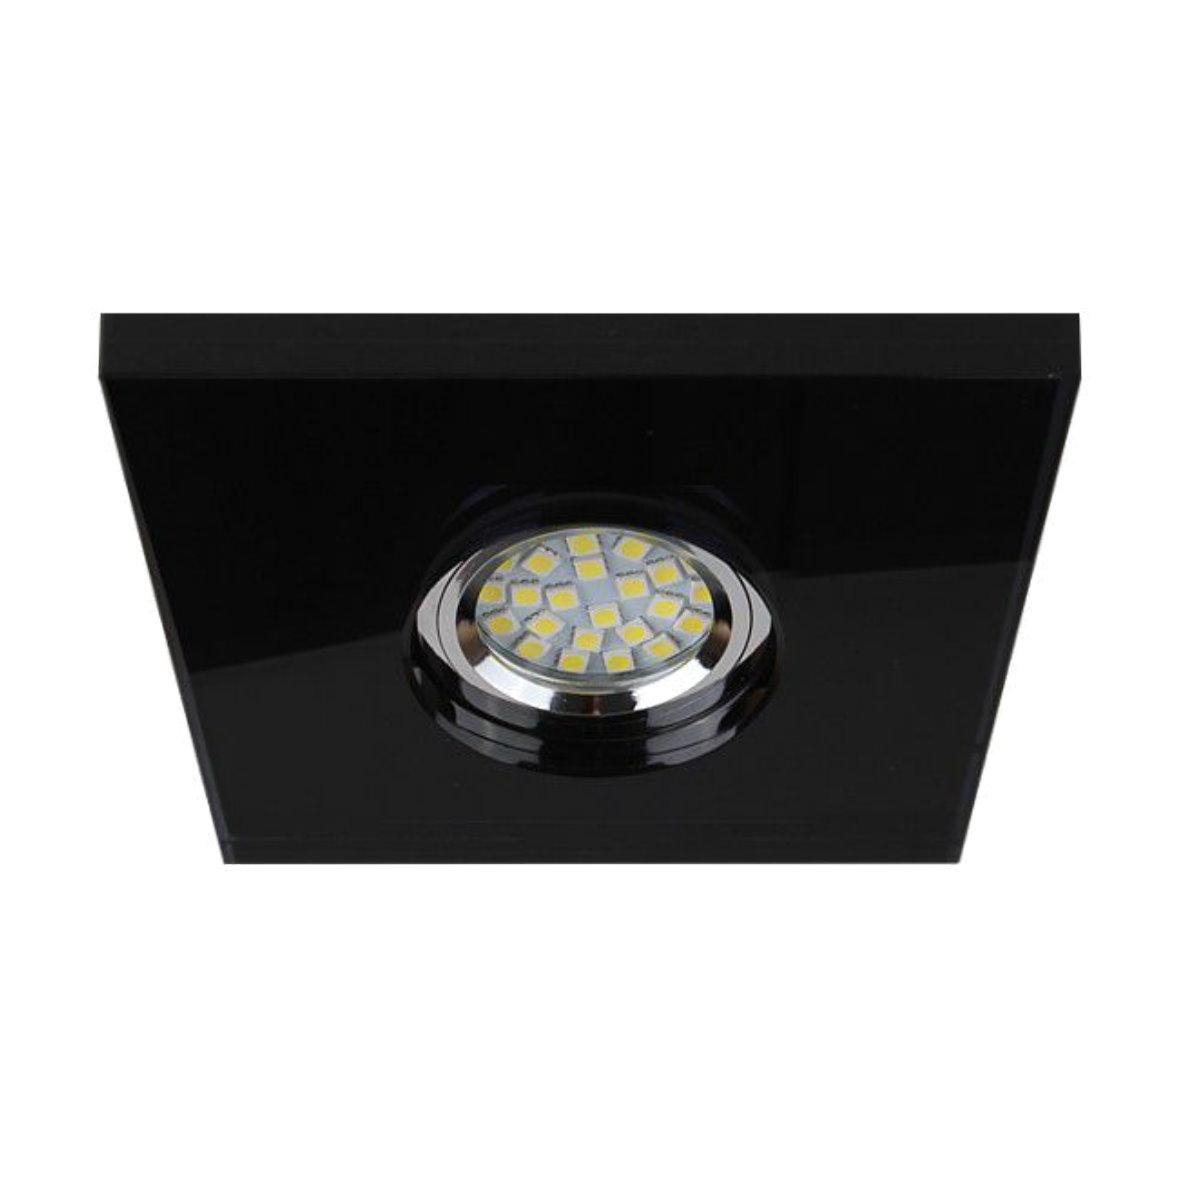 glas einbauleuchte spot strahler kristall einbaurahmen einbau einbaustrahler ebay. Black Bedroom Furniture Sets. Home Design Ideas